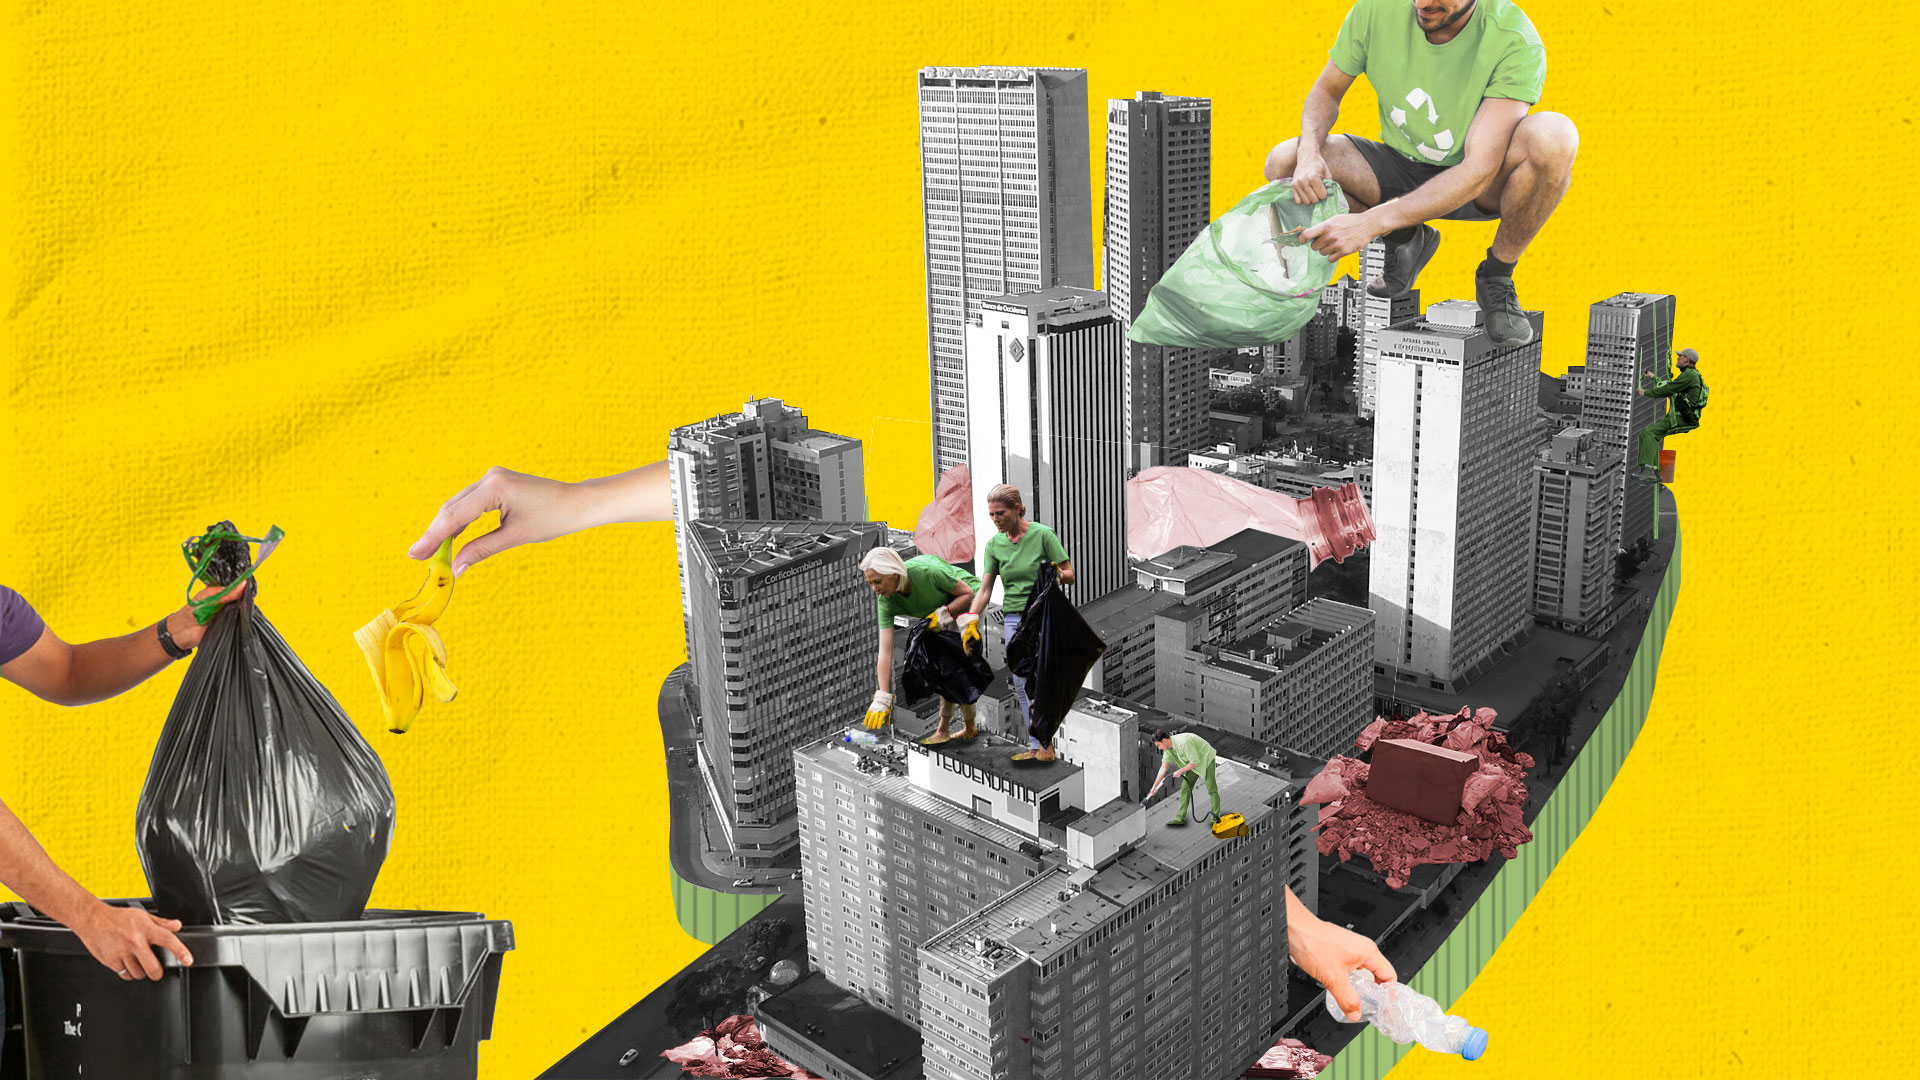 El movimiento mundial que quiere sacar a los bogotanos a limpiar su ciudad